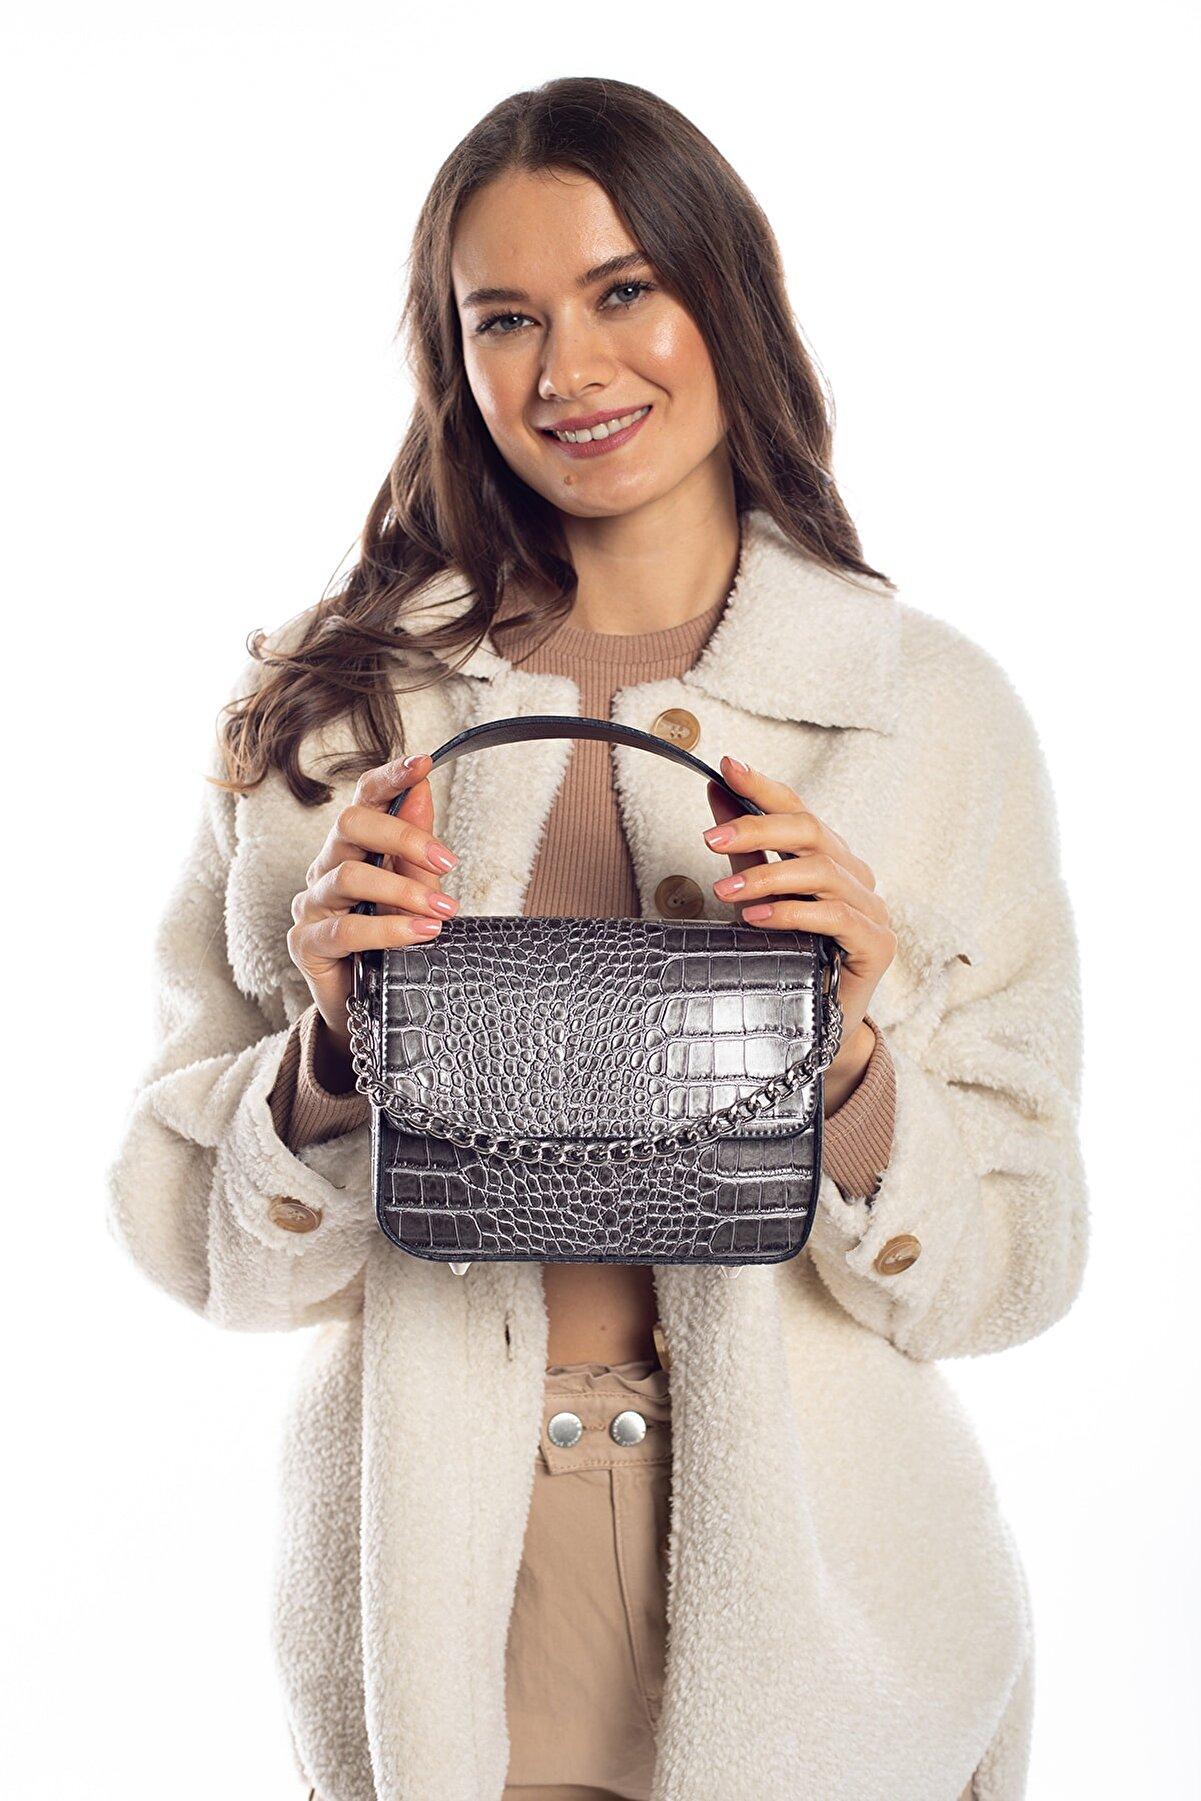 Madamra Aynı Butikte 2. Ürün 1 Tl Gümüş Kroko Kadın Kapaklı Zincirli Çapraz Çanta